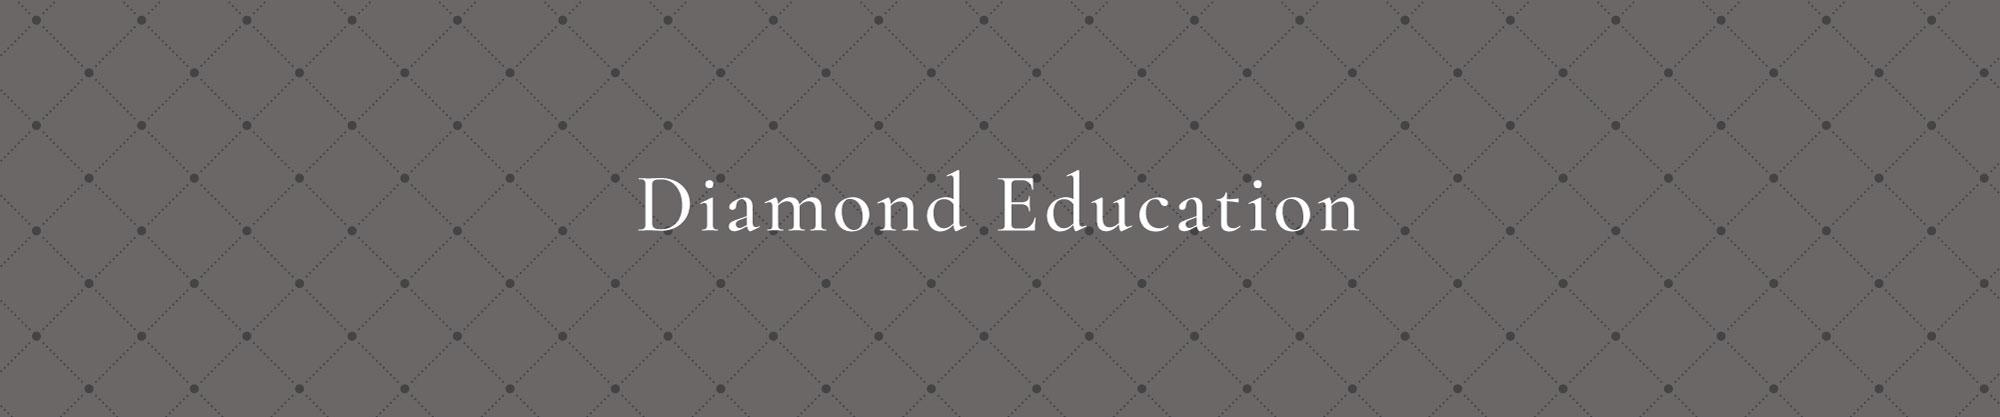 Diamond Education - Diamond Engagement Rings